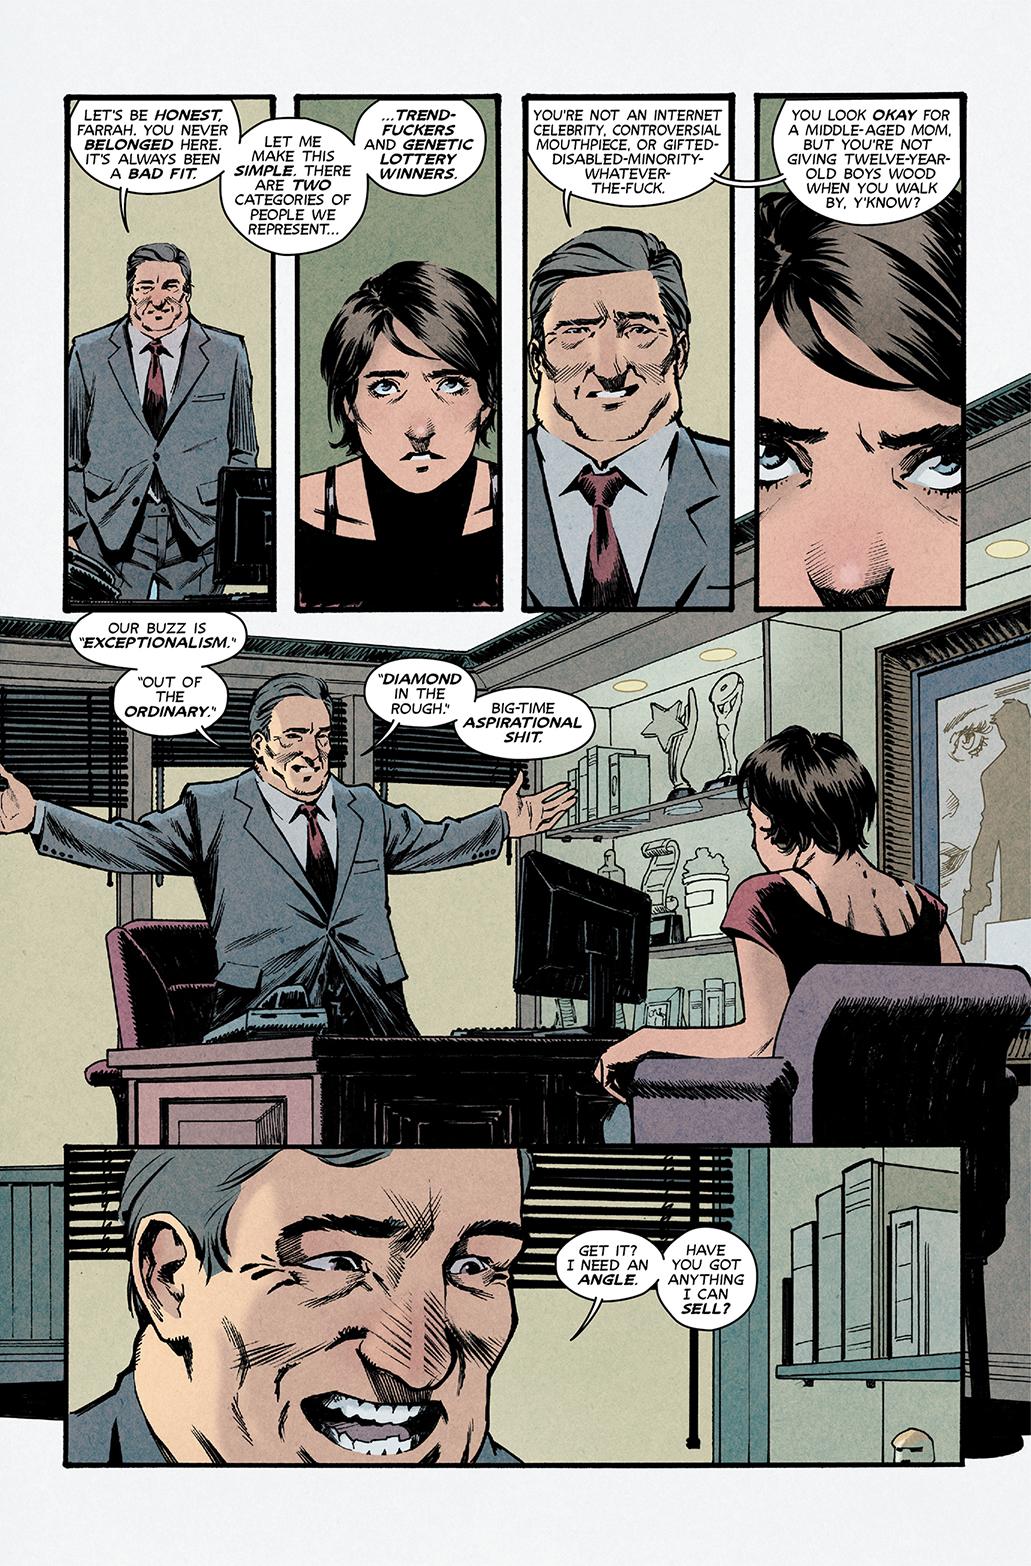 GLITTERBOMB #1 PAGE 1 IMAGE COMICS